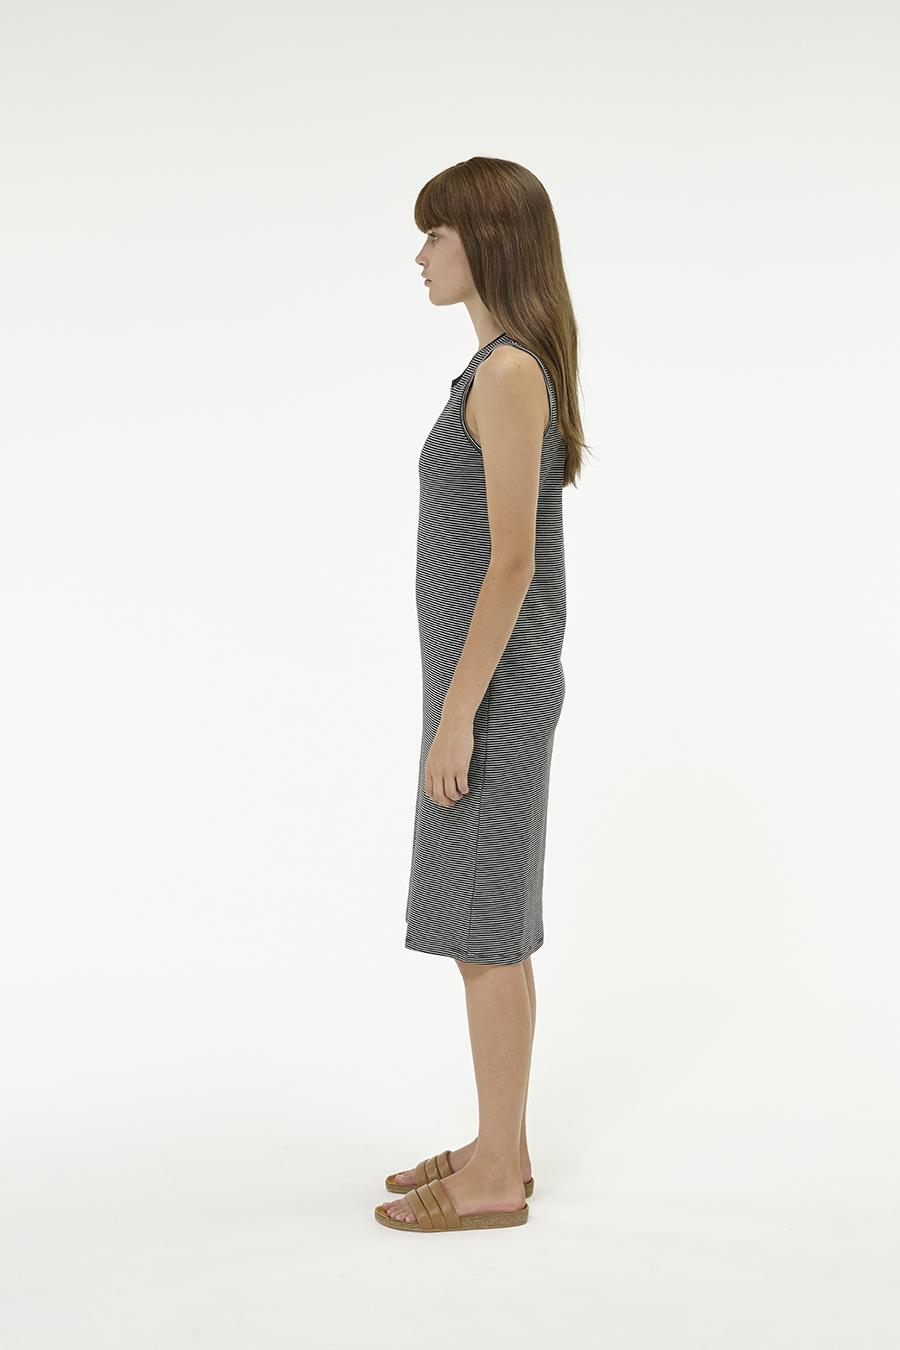 Huffer_Q3-16_W-Club-Stella-Dress_Black-02